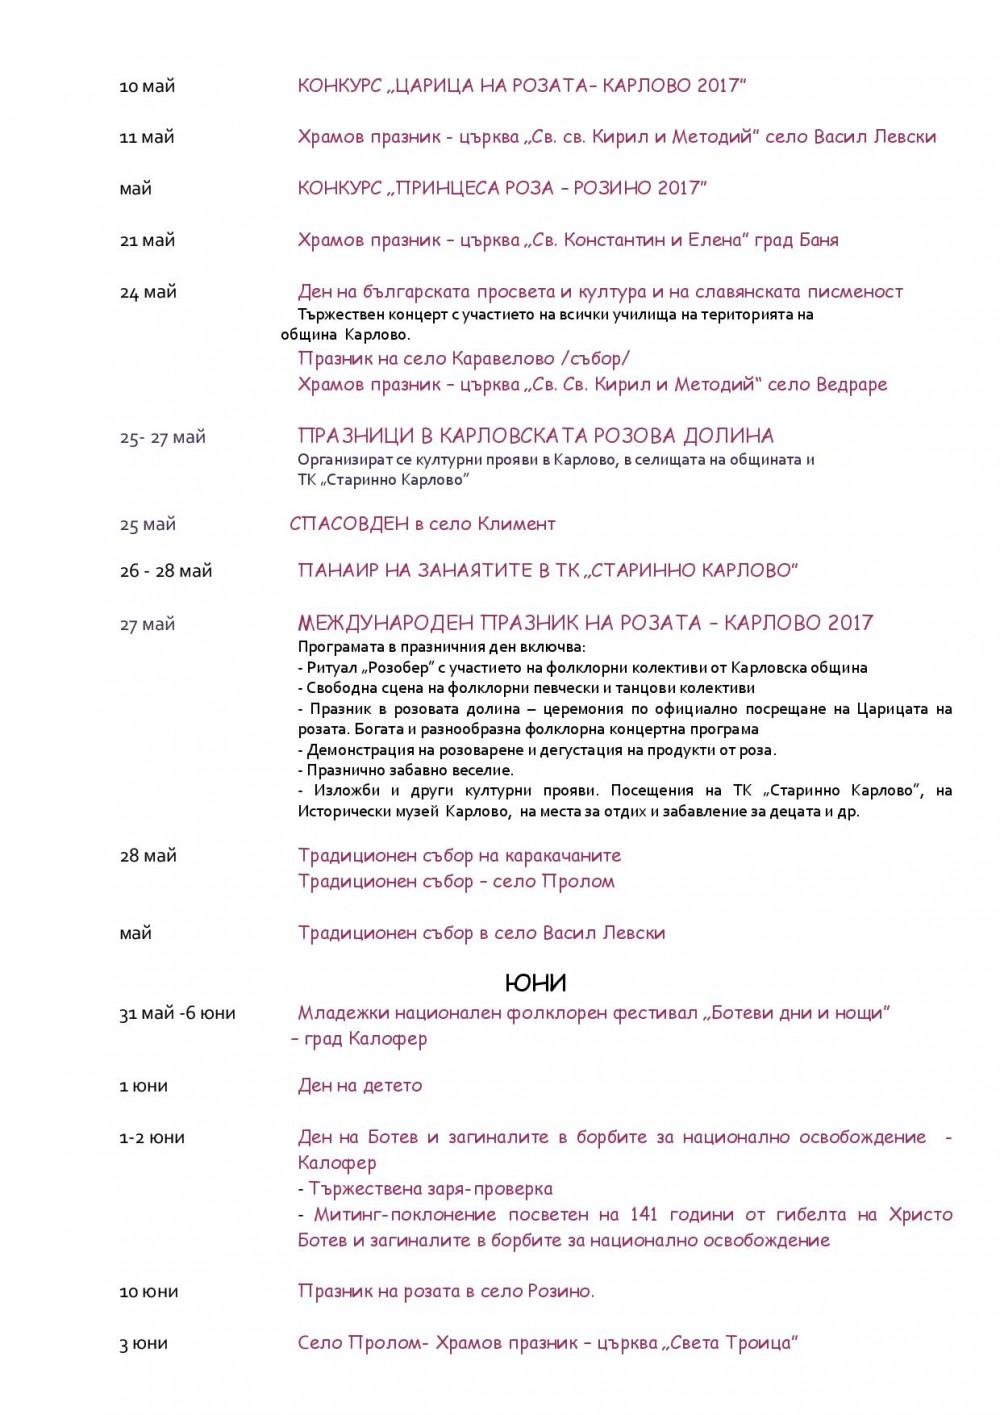 Kulturen kalendar 2017104